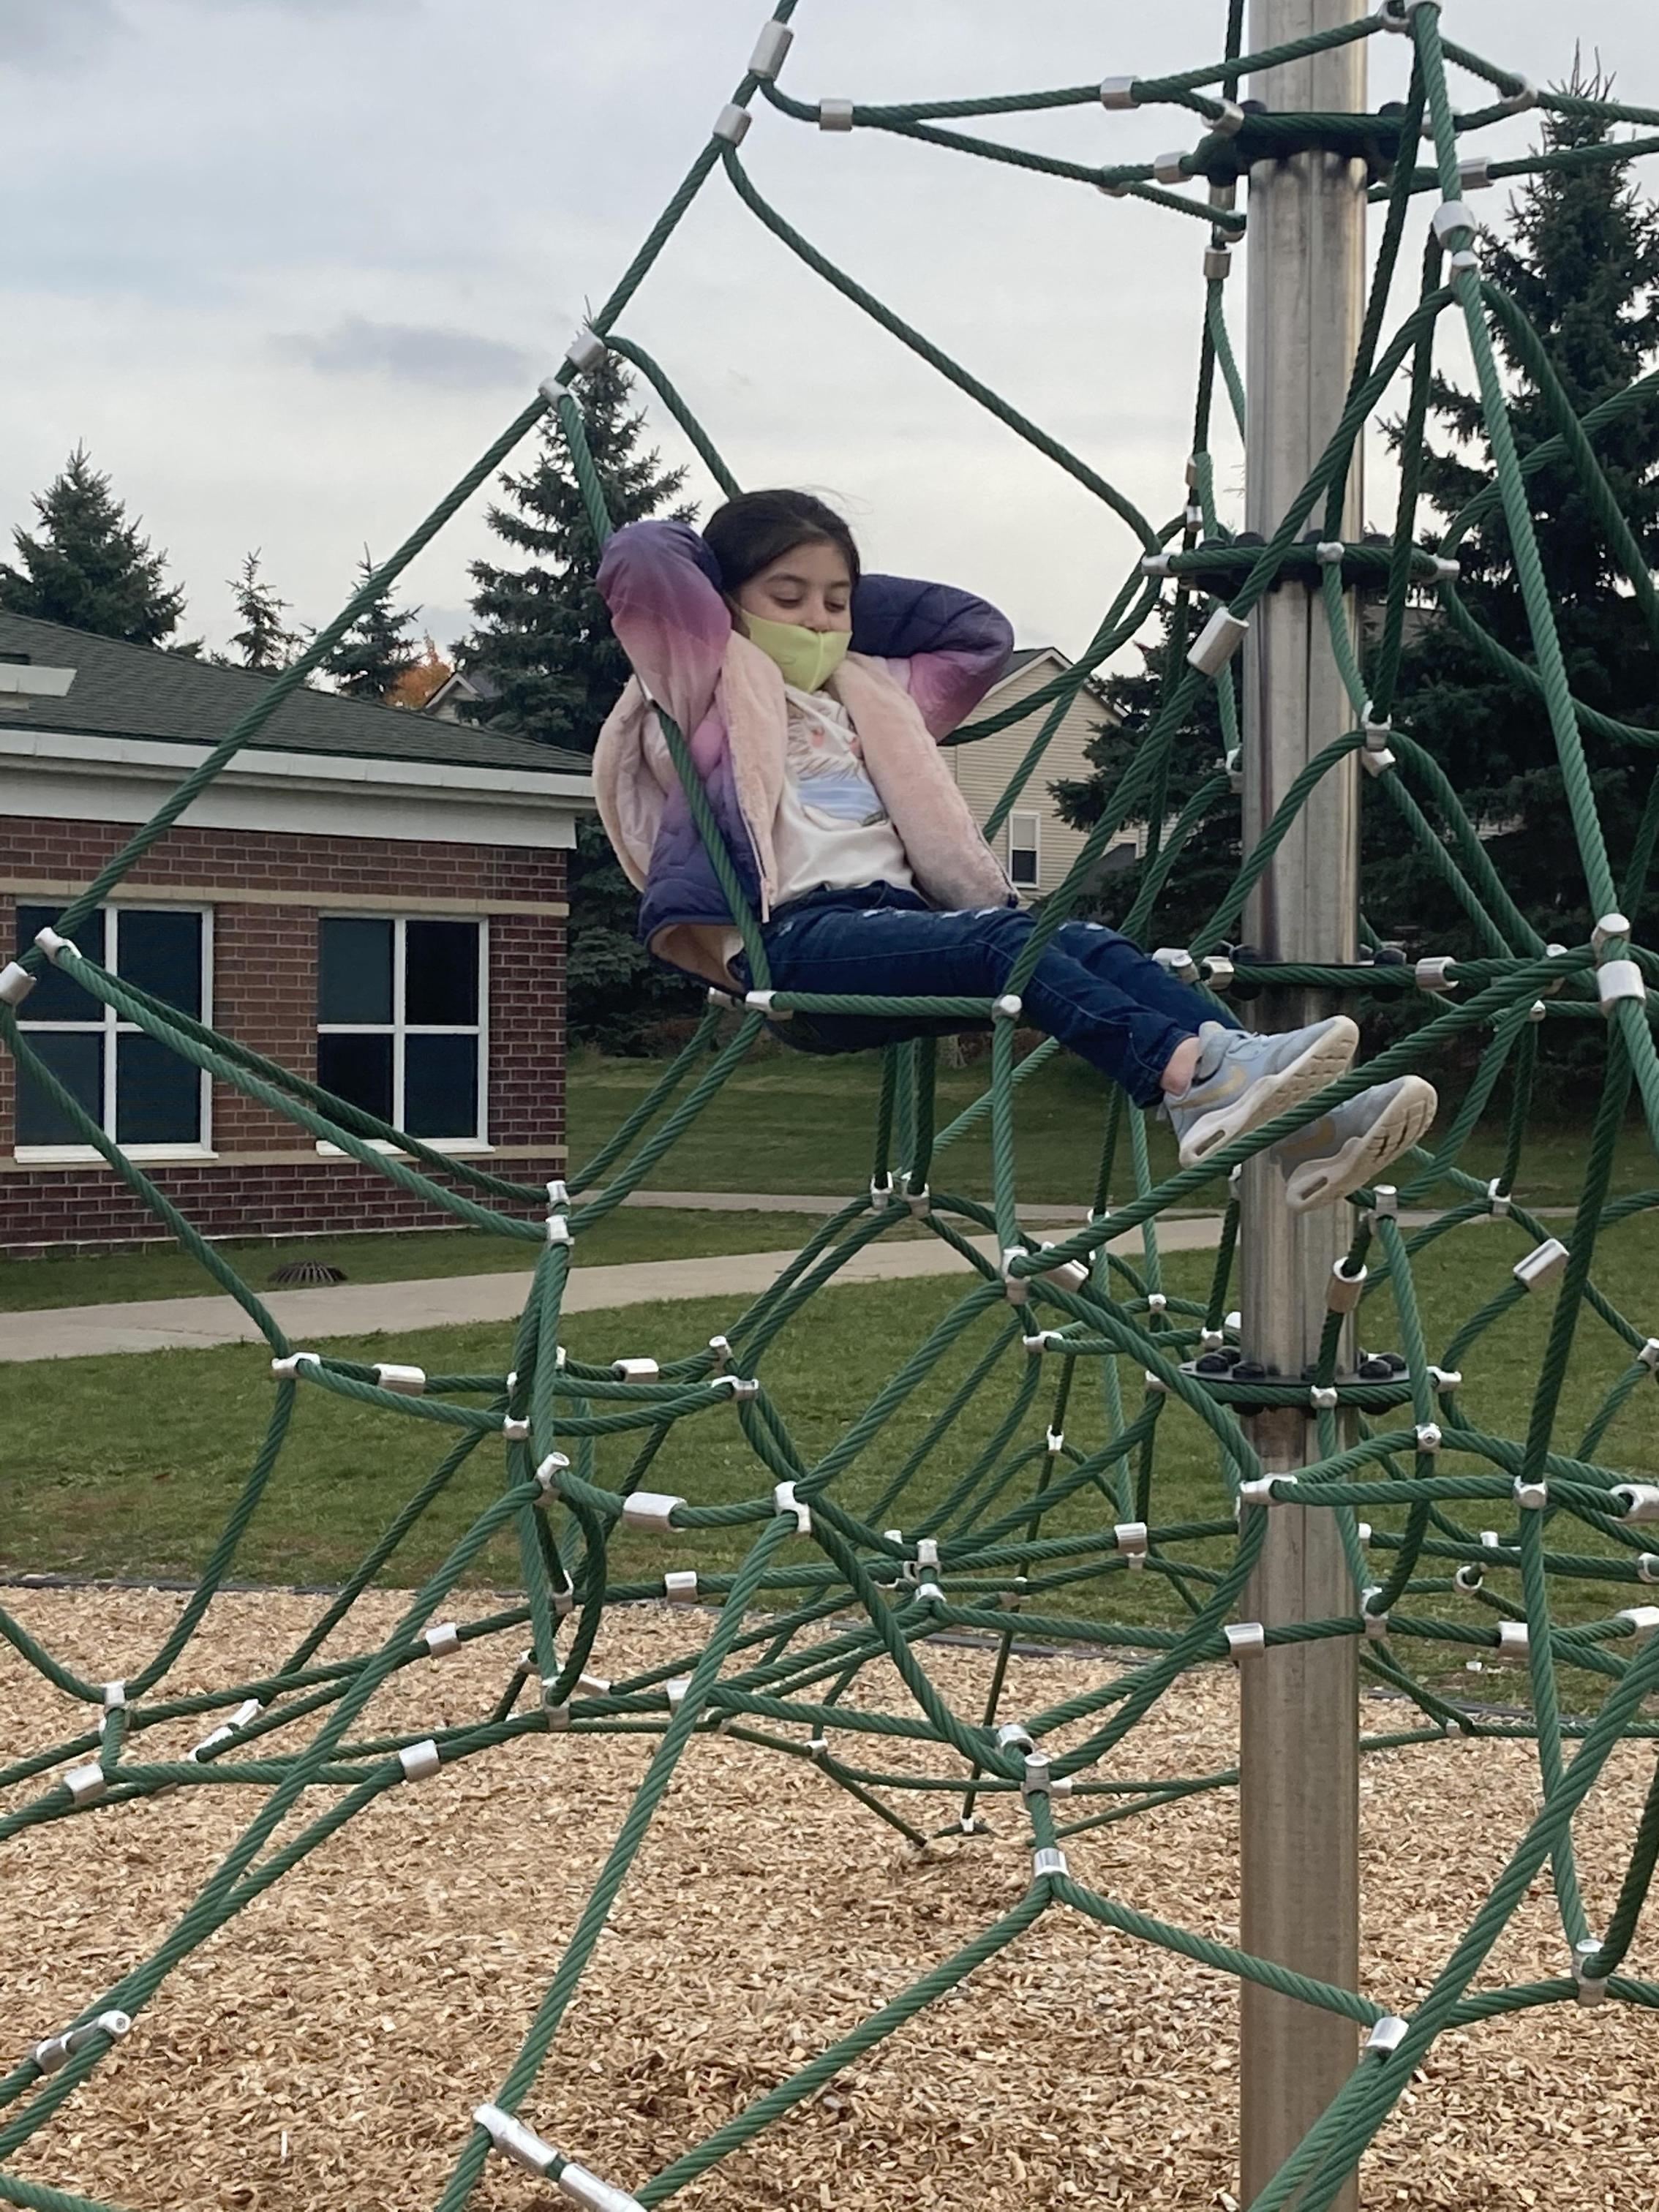 Spider climber